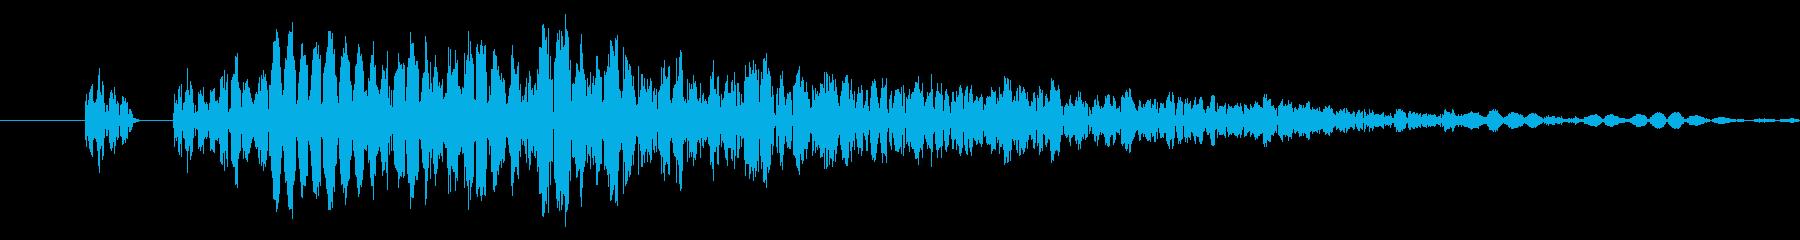 【打撃音08】パンチやキックに最適です!の再生済みの波形